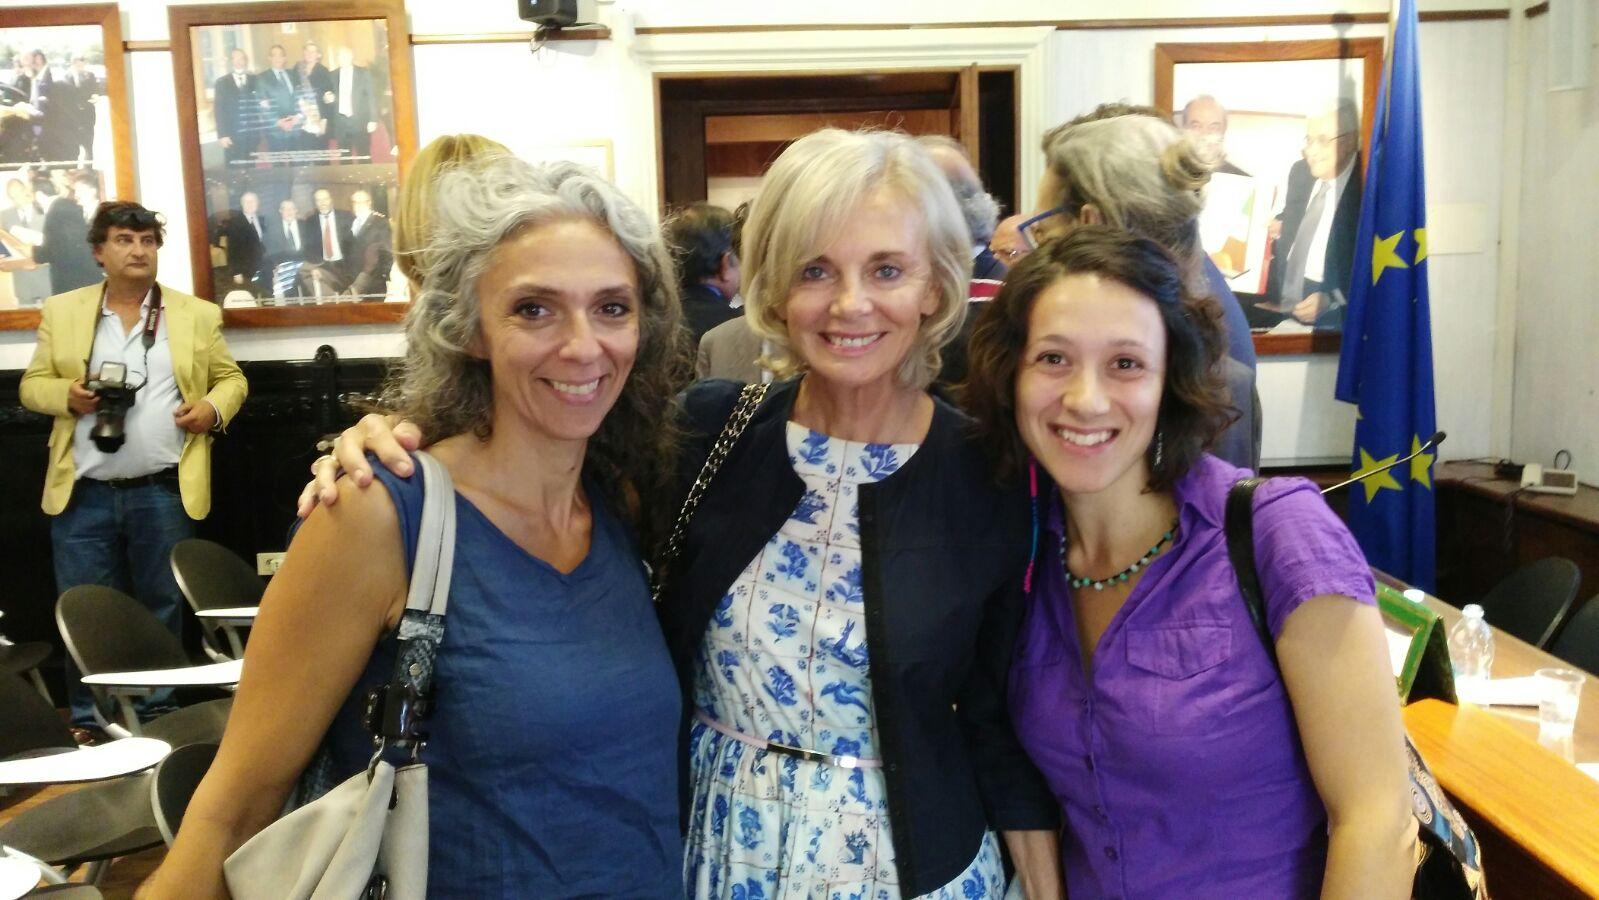 Incontro con Elisabeth Guigou, Presidente della Fondazione Anna Lindh